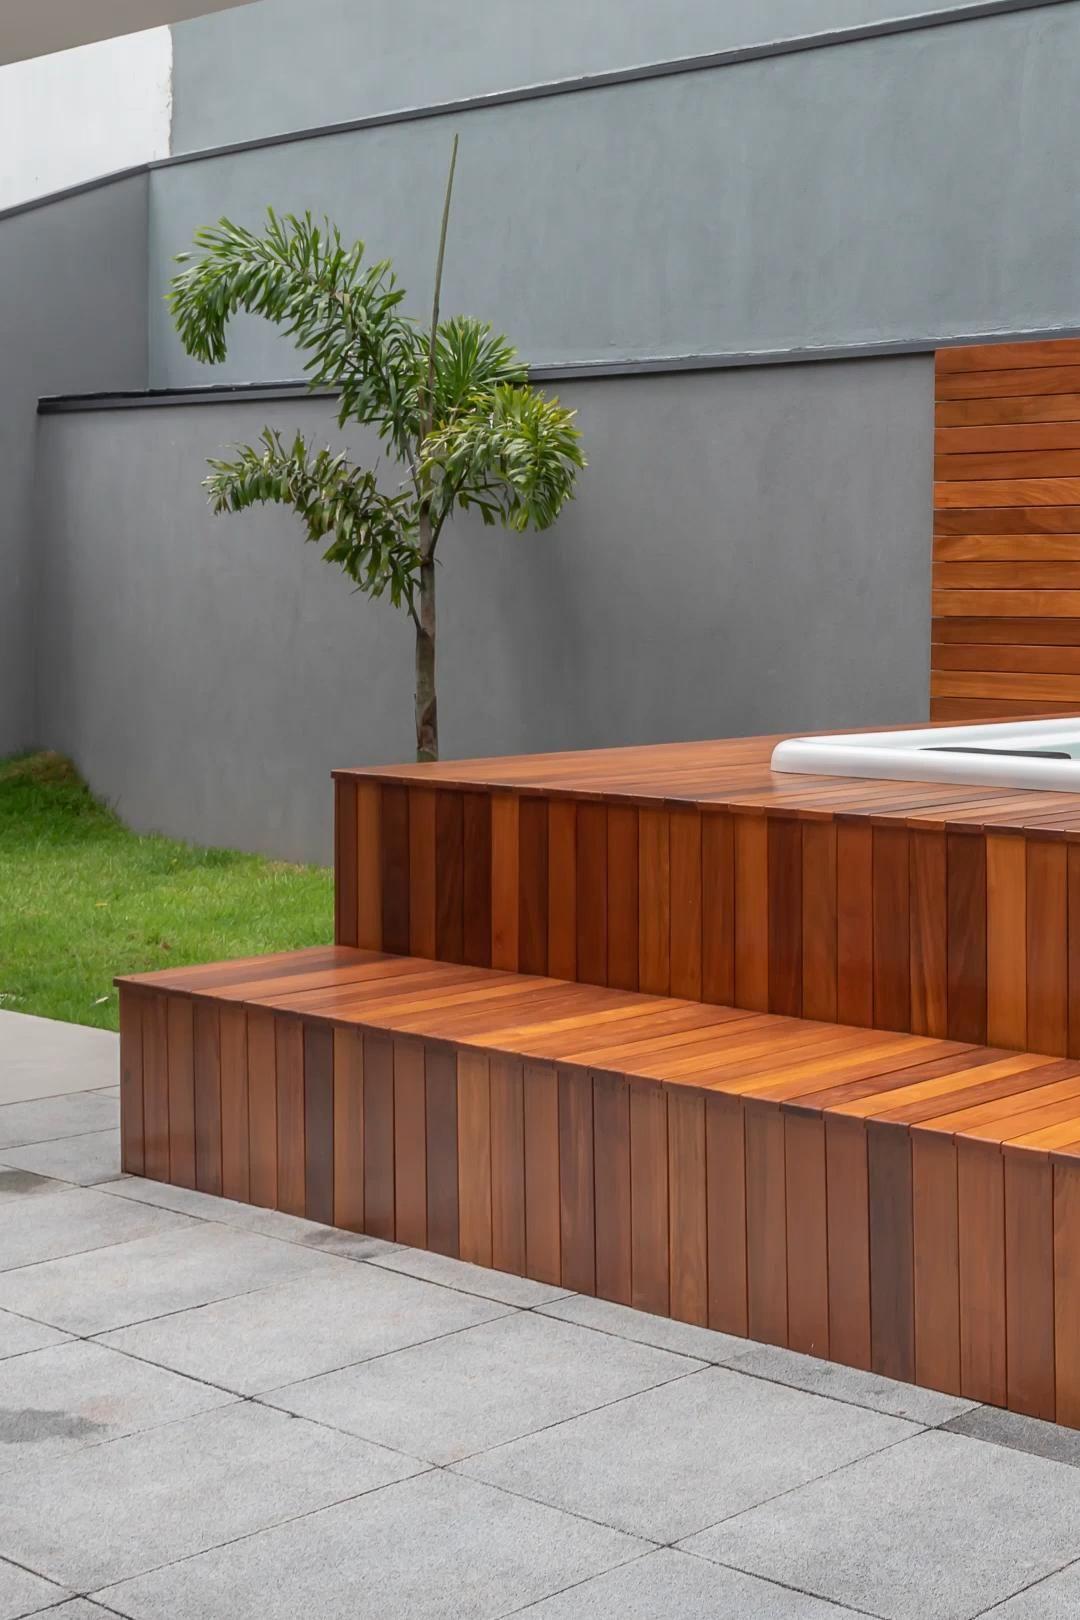 Faça a transição com piso de deck de madeira